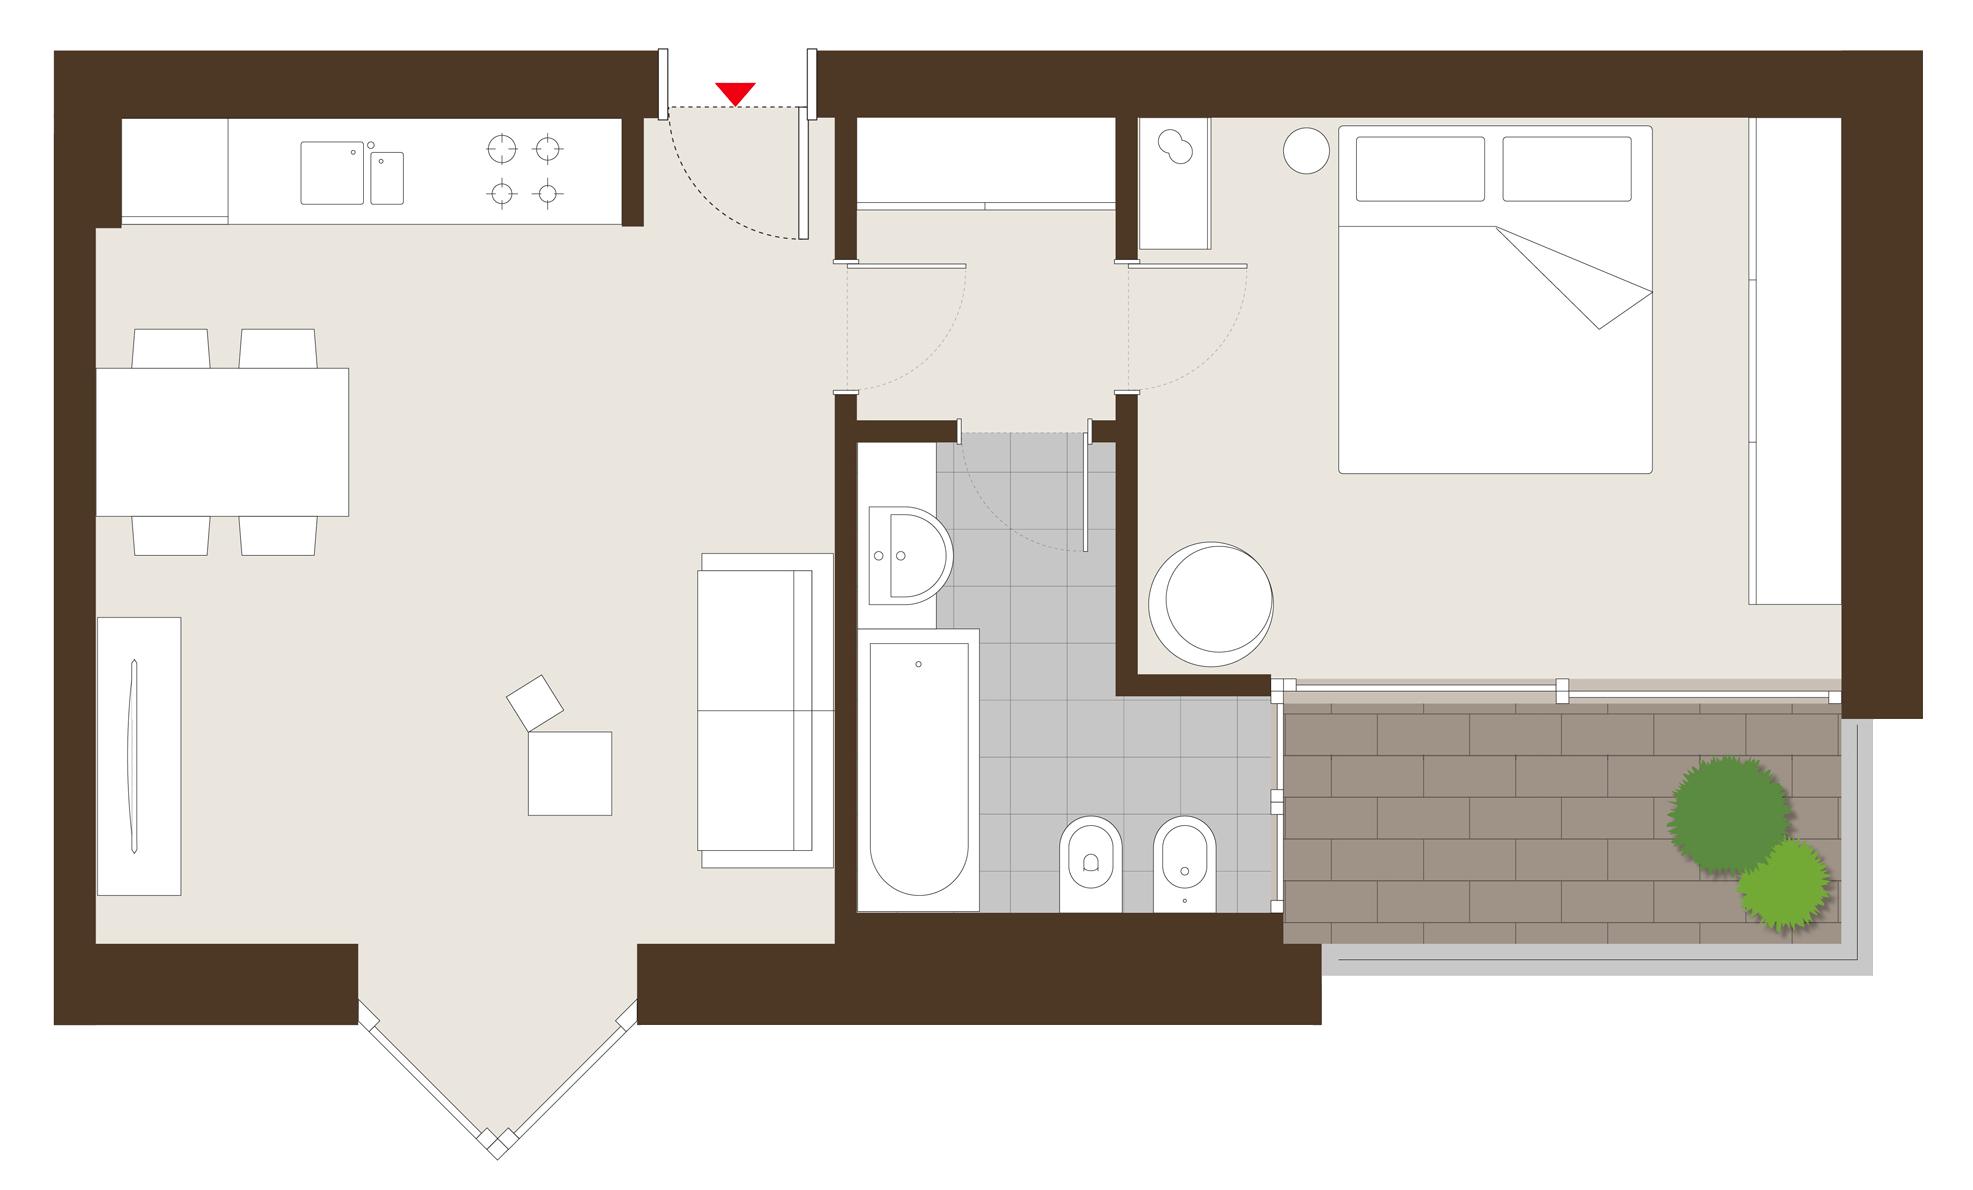 Duplex apartment - Penthouses in Milan - Campari Towers